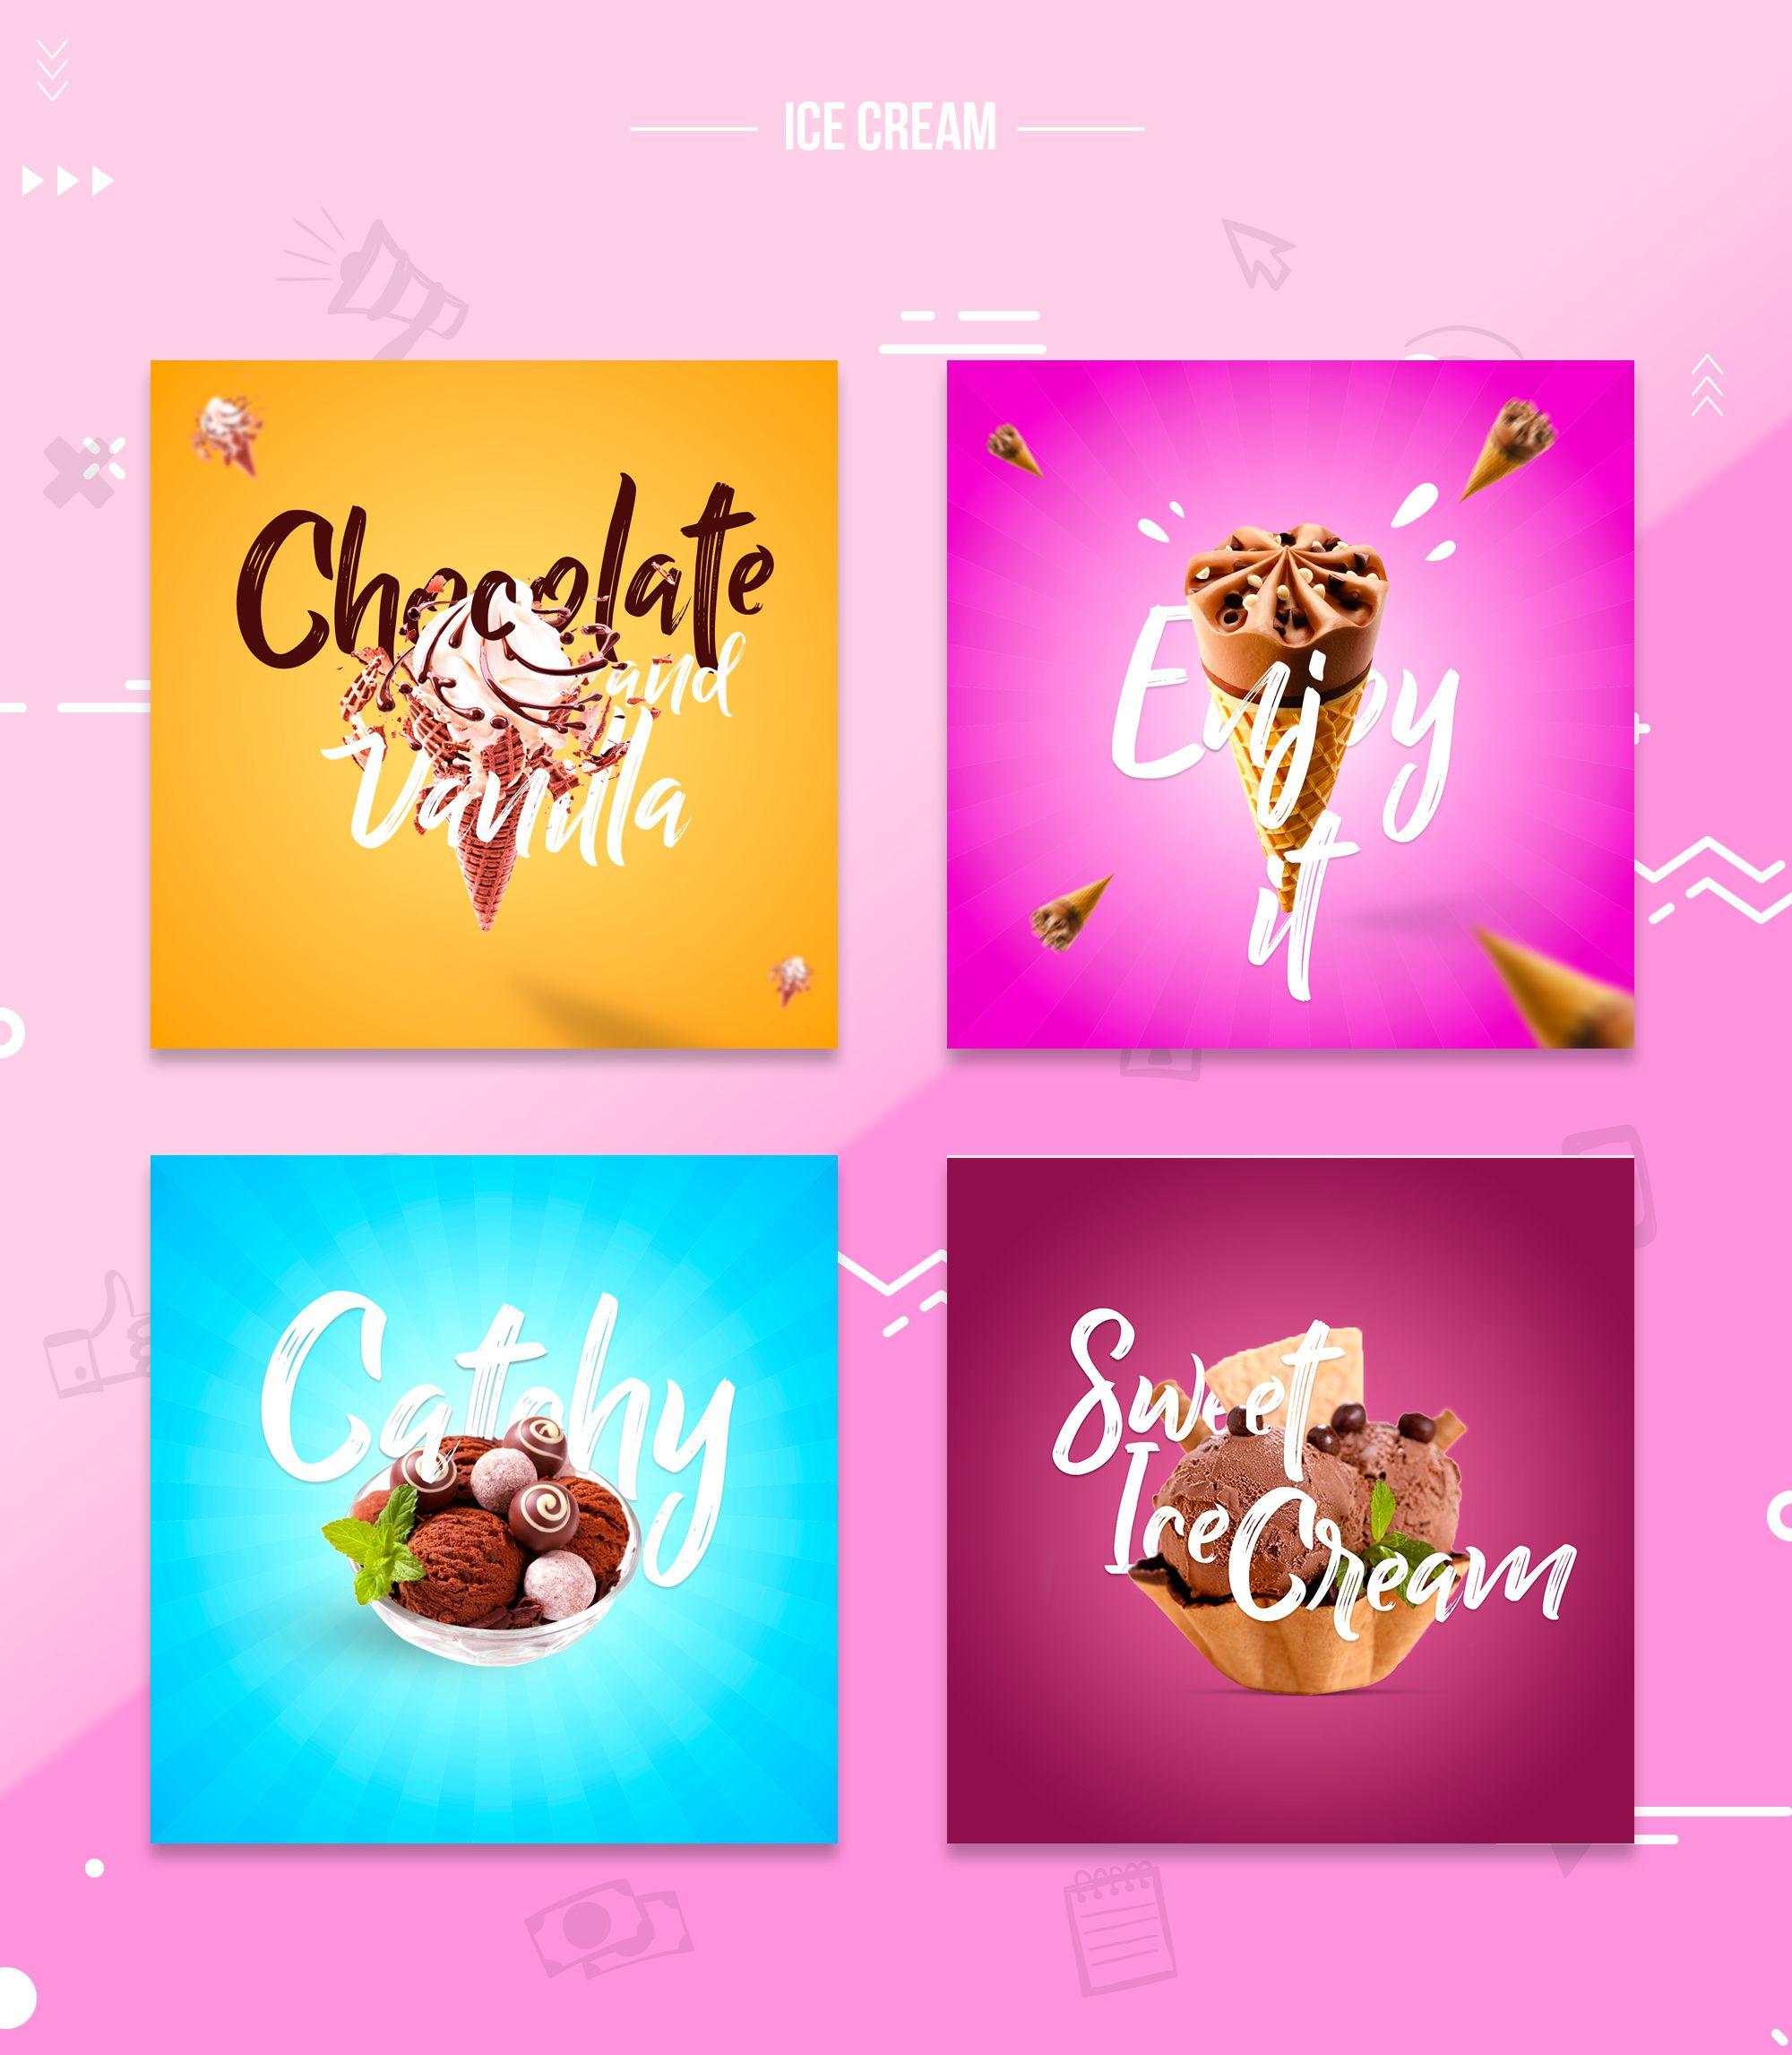 Social Media Ice Cream Posts Social Media Design Inspiration Social Media Poster Facebook Post Design